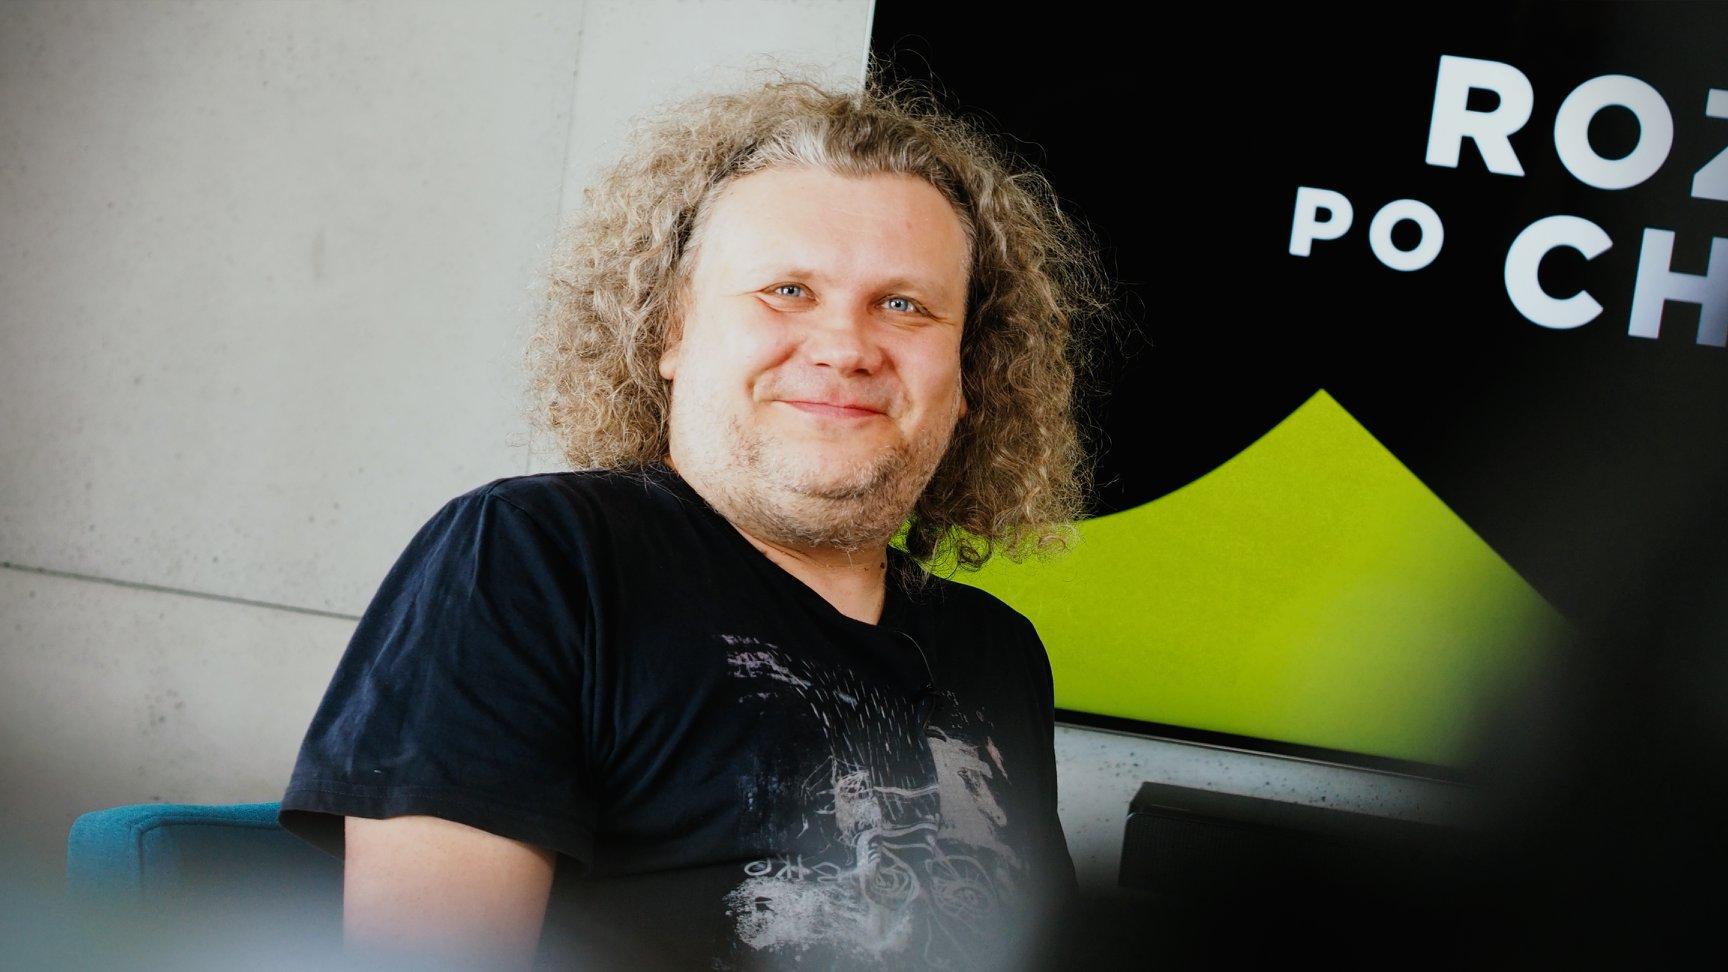 Piotr Sławiński: Chełmianin w ciągłej trasie